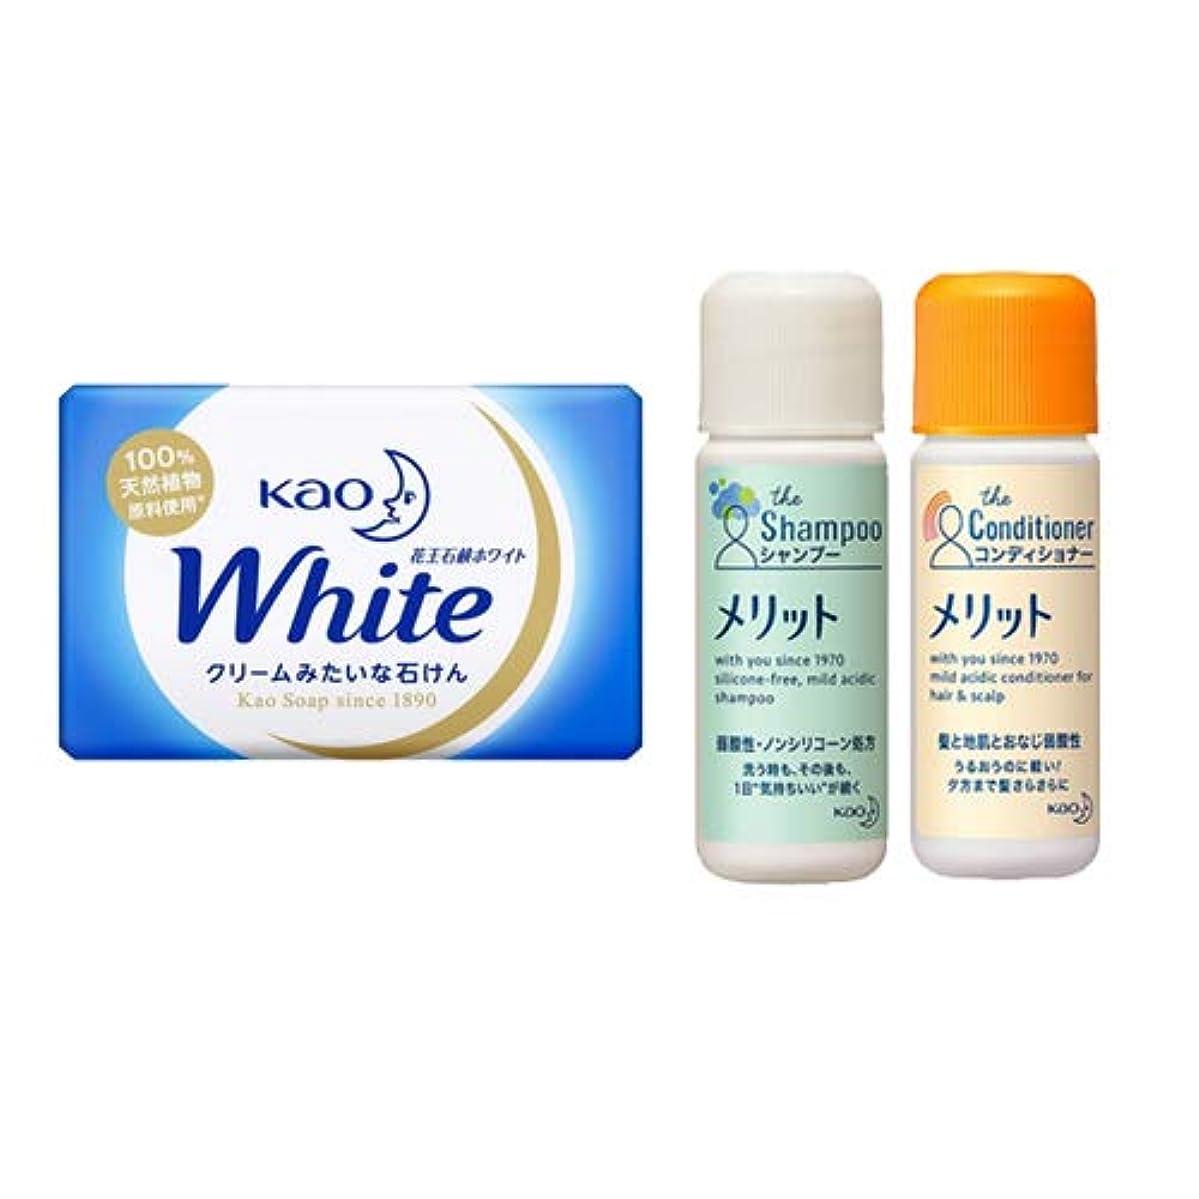 静脈物足りない改修花王(KAO) 石鹸ホワイト(Kao Soap White) 15g + メリットシャンプー 16ml + リンス 16ml セット